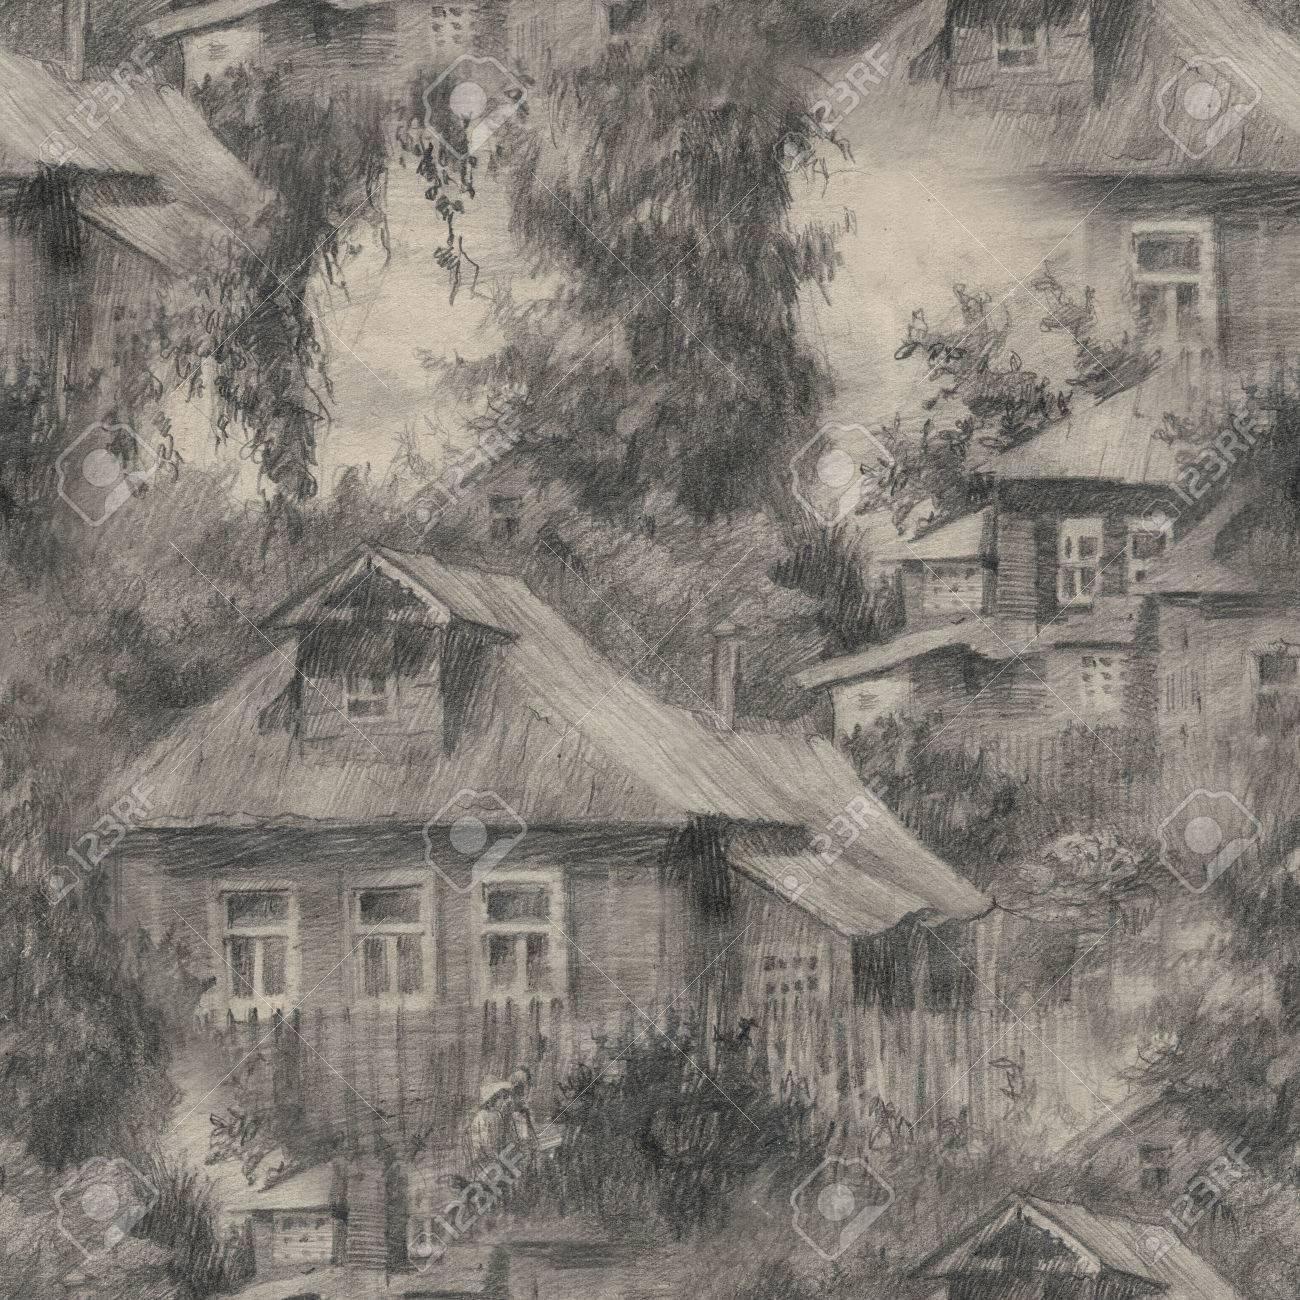 Casette Russe Di Campagna modello senza soluzione di continuità con le case in villaggio, paesaggio  di campagna, disegno disegnato a mano sketch.